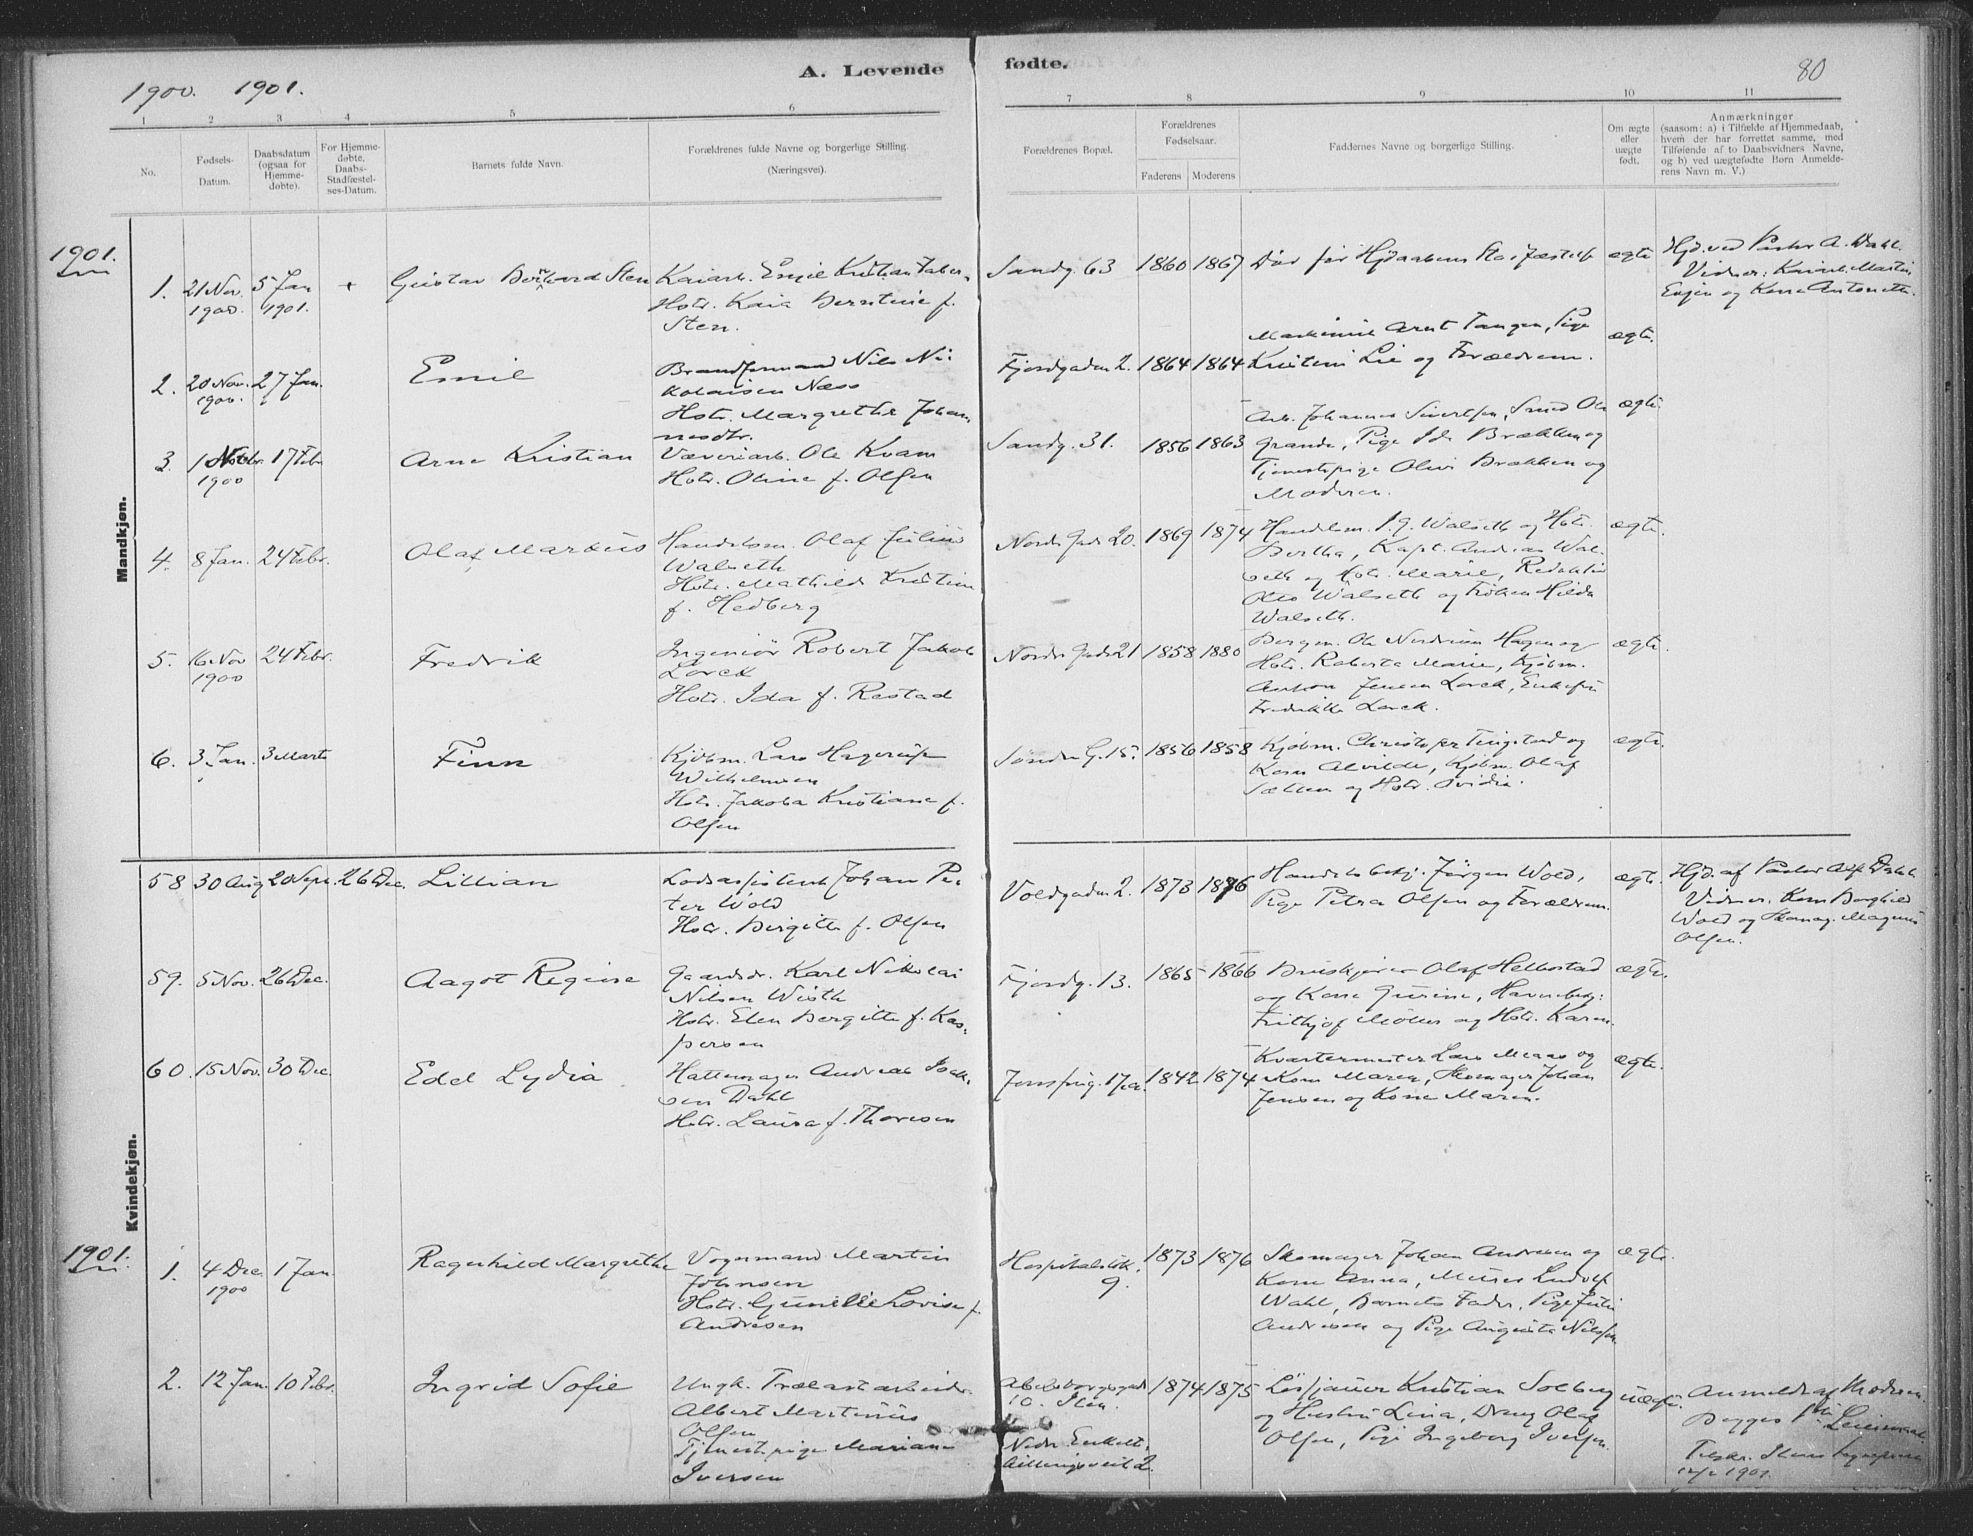 SAT, Ministerialprotokoller, klokkerbøker og fødselsregistre - Sør-Trøndelag, 602/L0122: Ministerialbok nr. 602A20, 1892-1908, s. 80